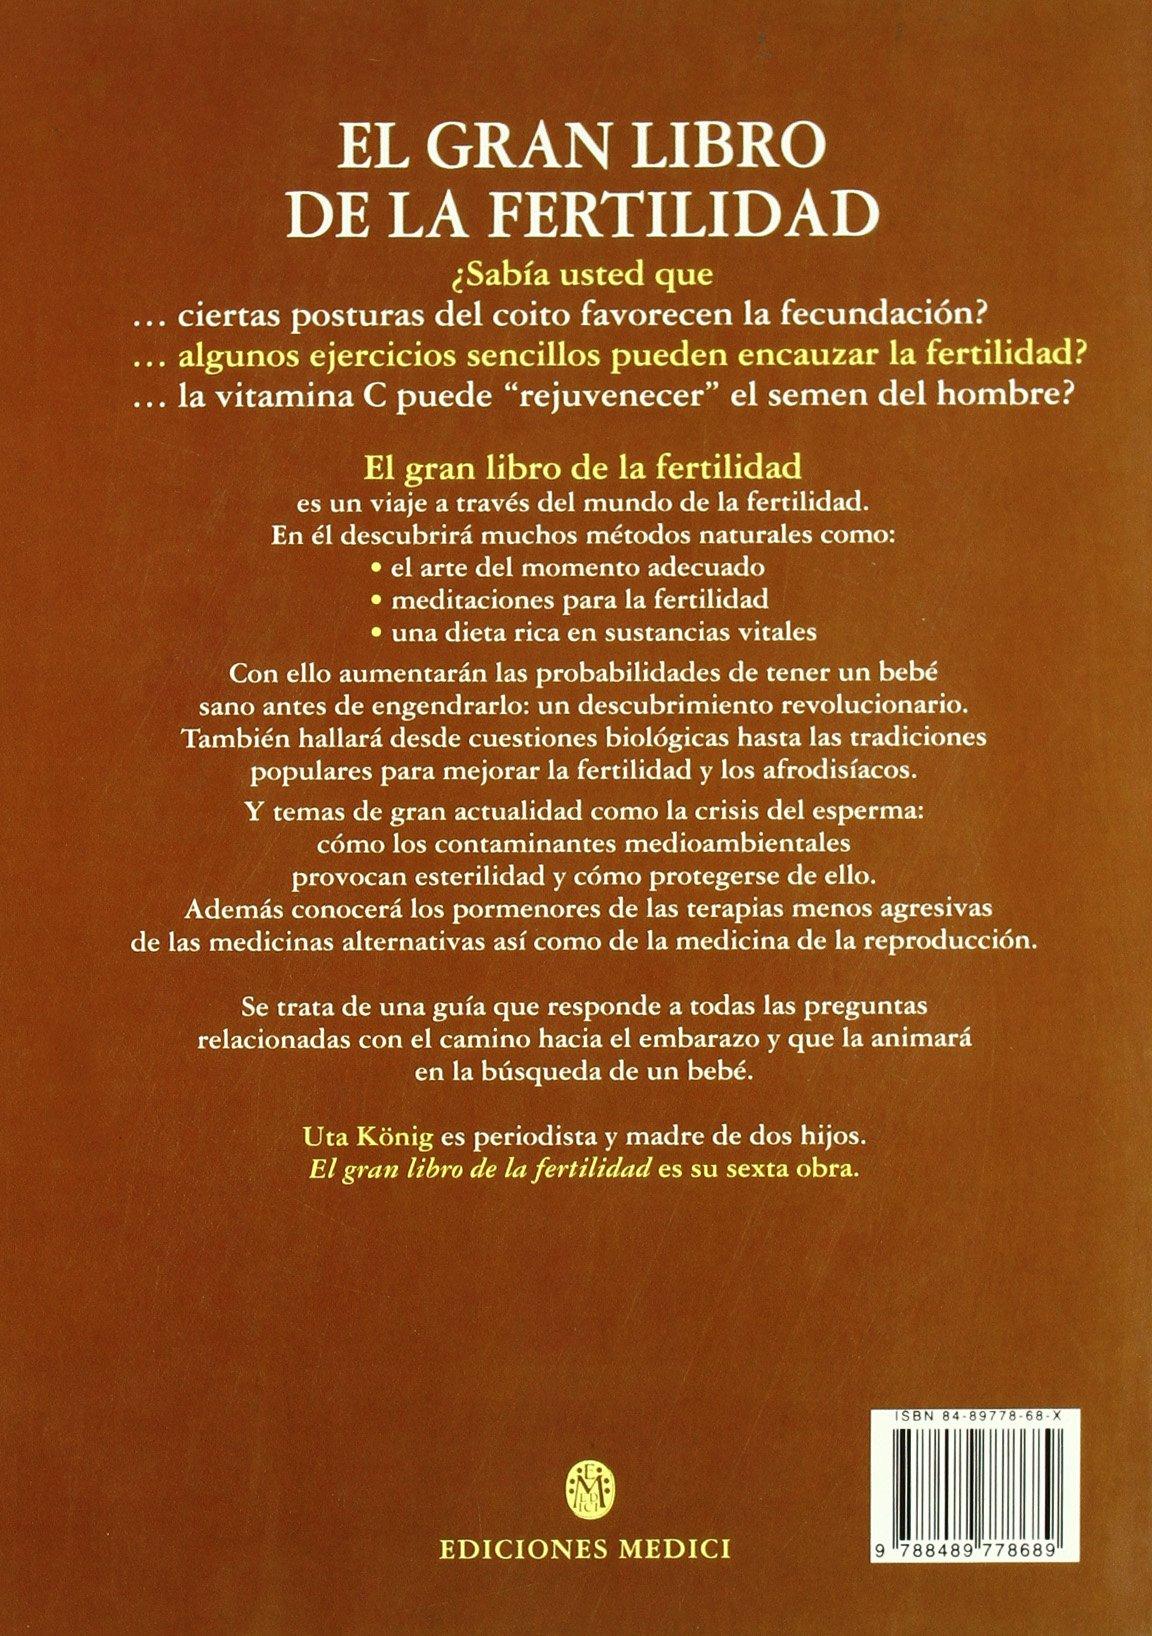 EL GRAN LIBRO DE LA FERTILIDAD (EMBARAZO): Amazon.es: U. KÖNIG: Libros